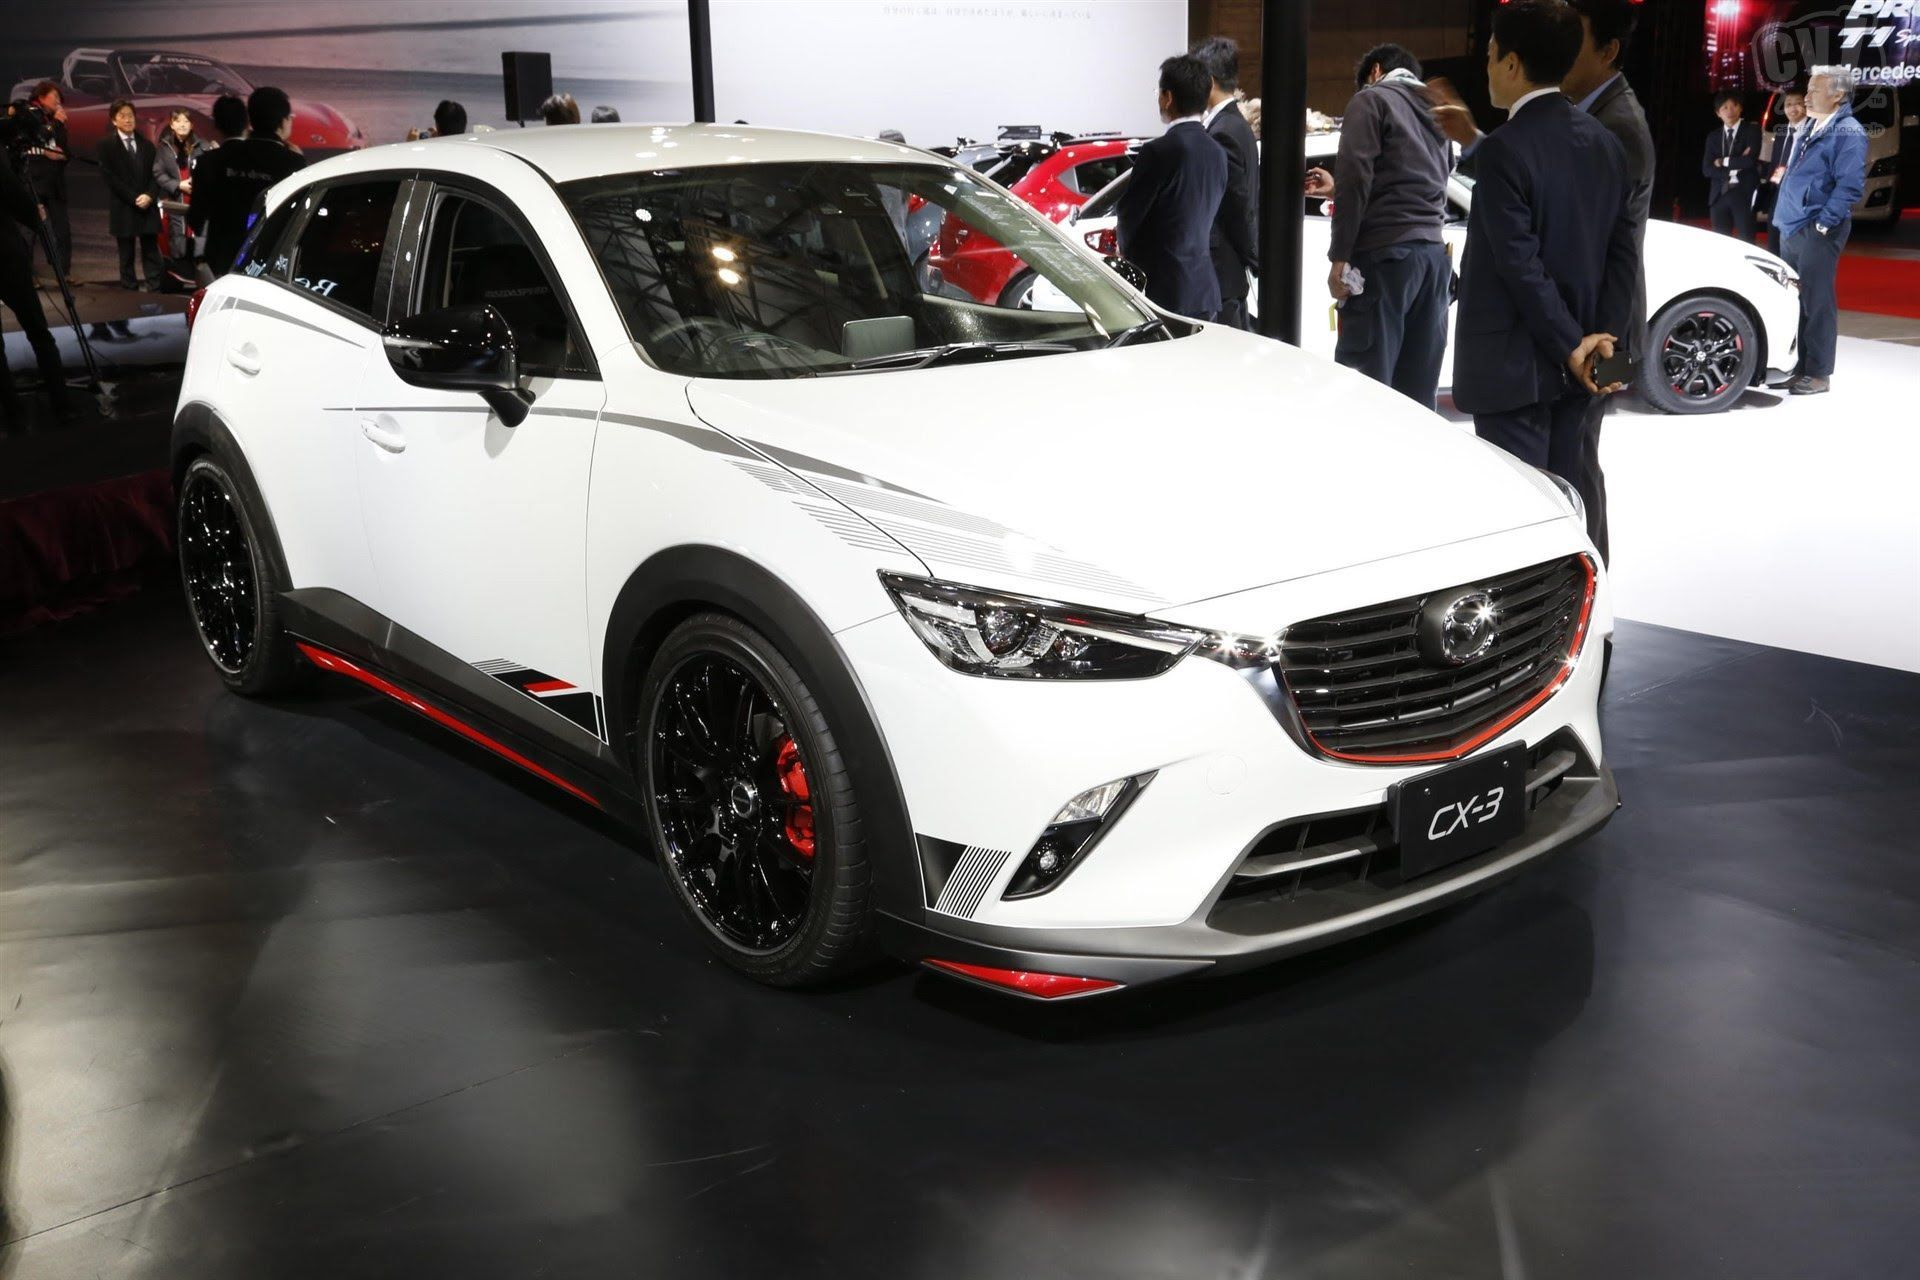 Kelebihan Mazda Cx 3 2015 Perbandingan Harga